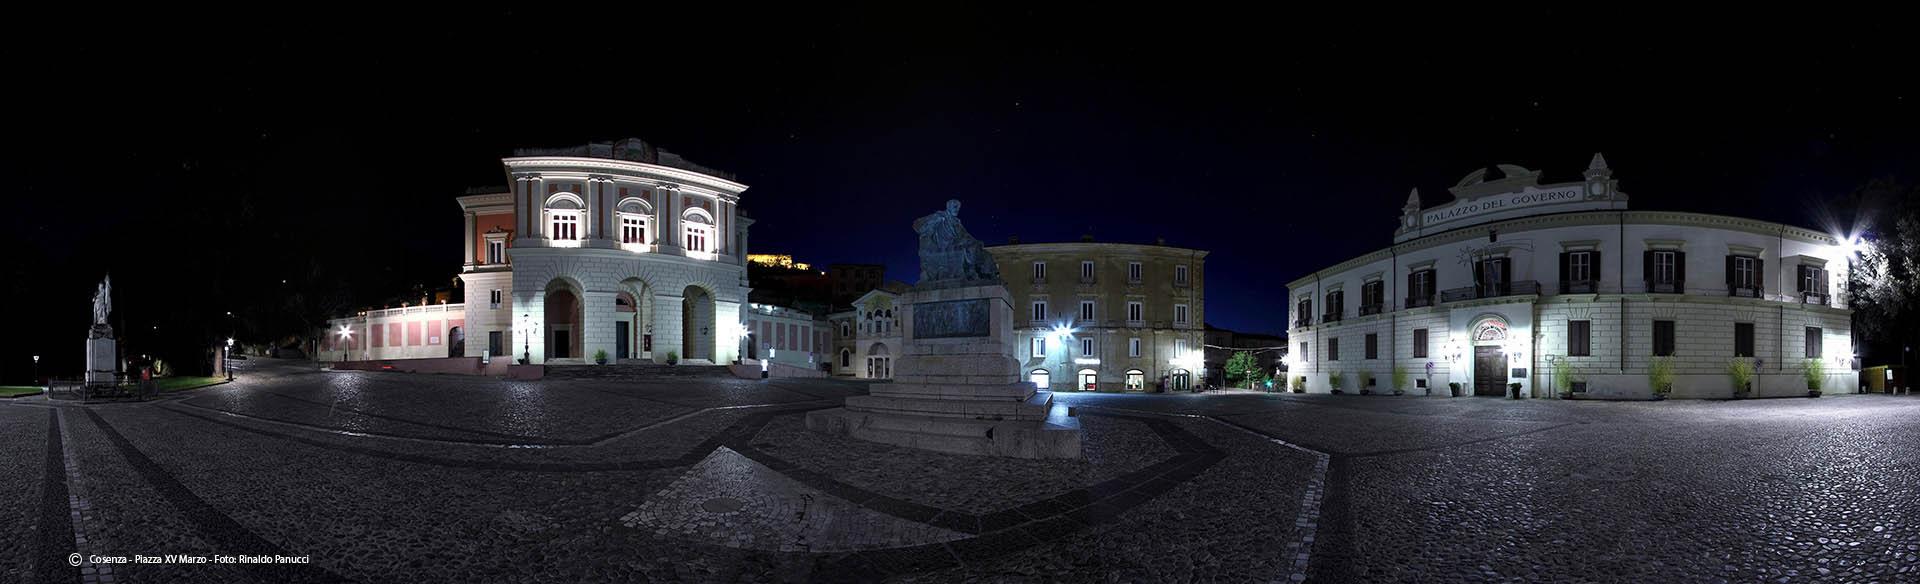 Piazza XV Marzo - Cosenza - Foto notturna